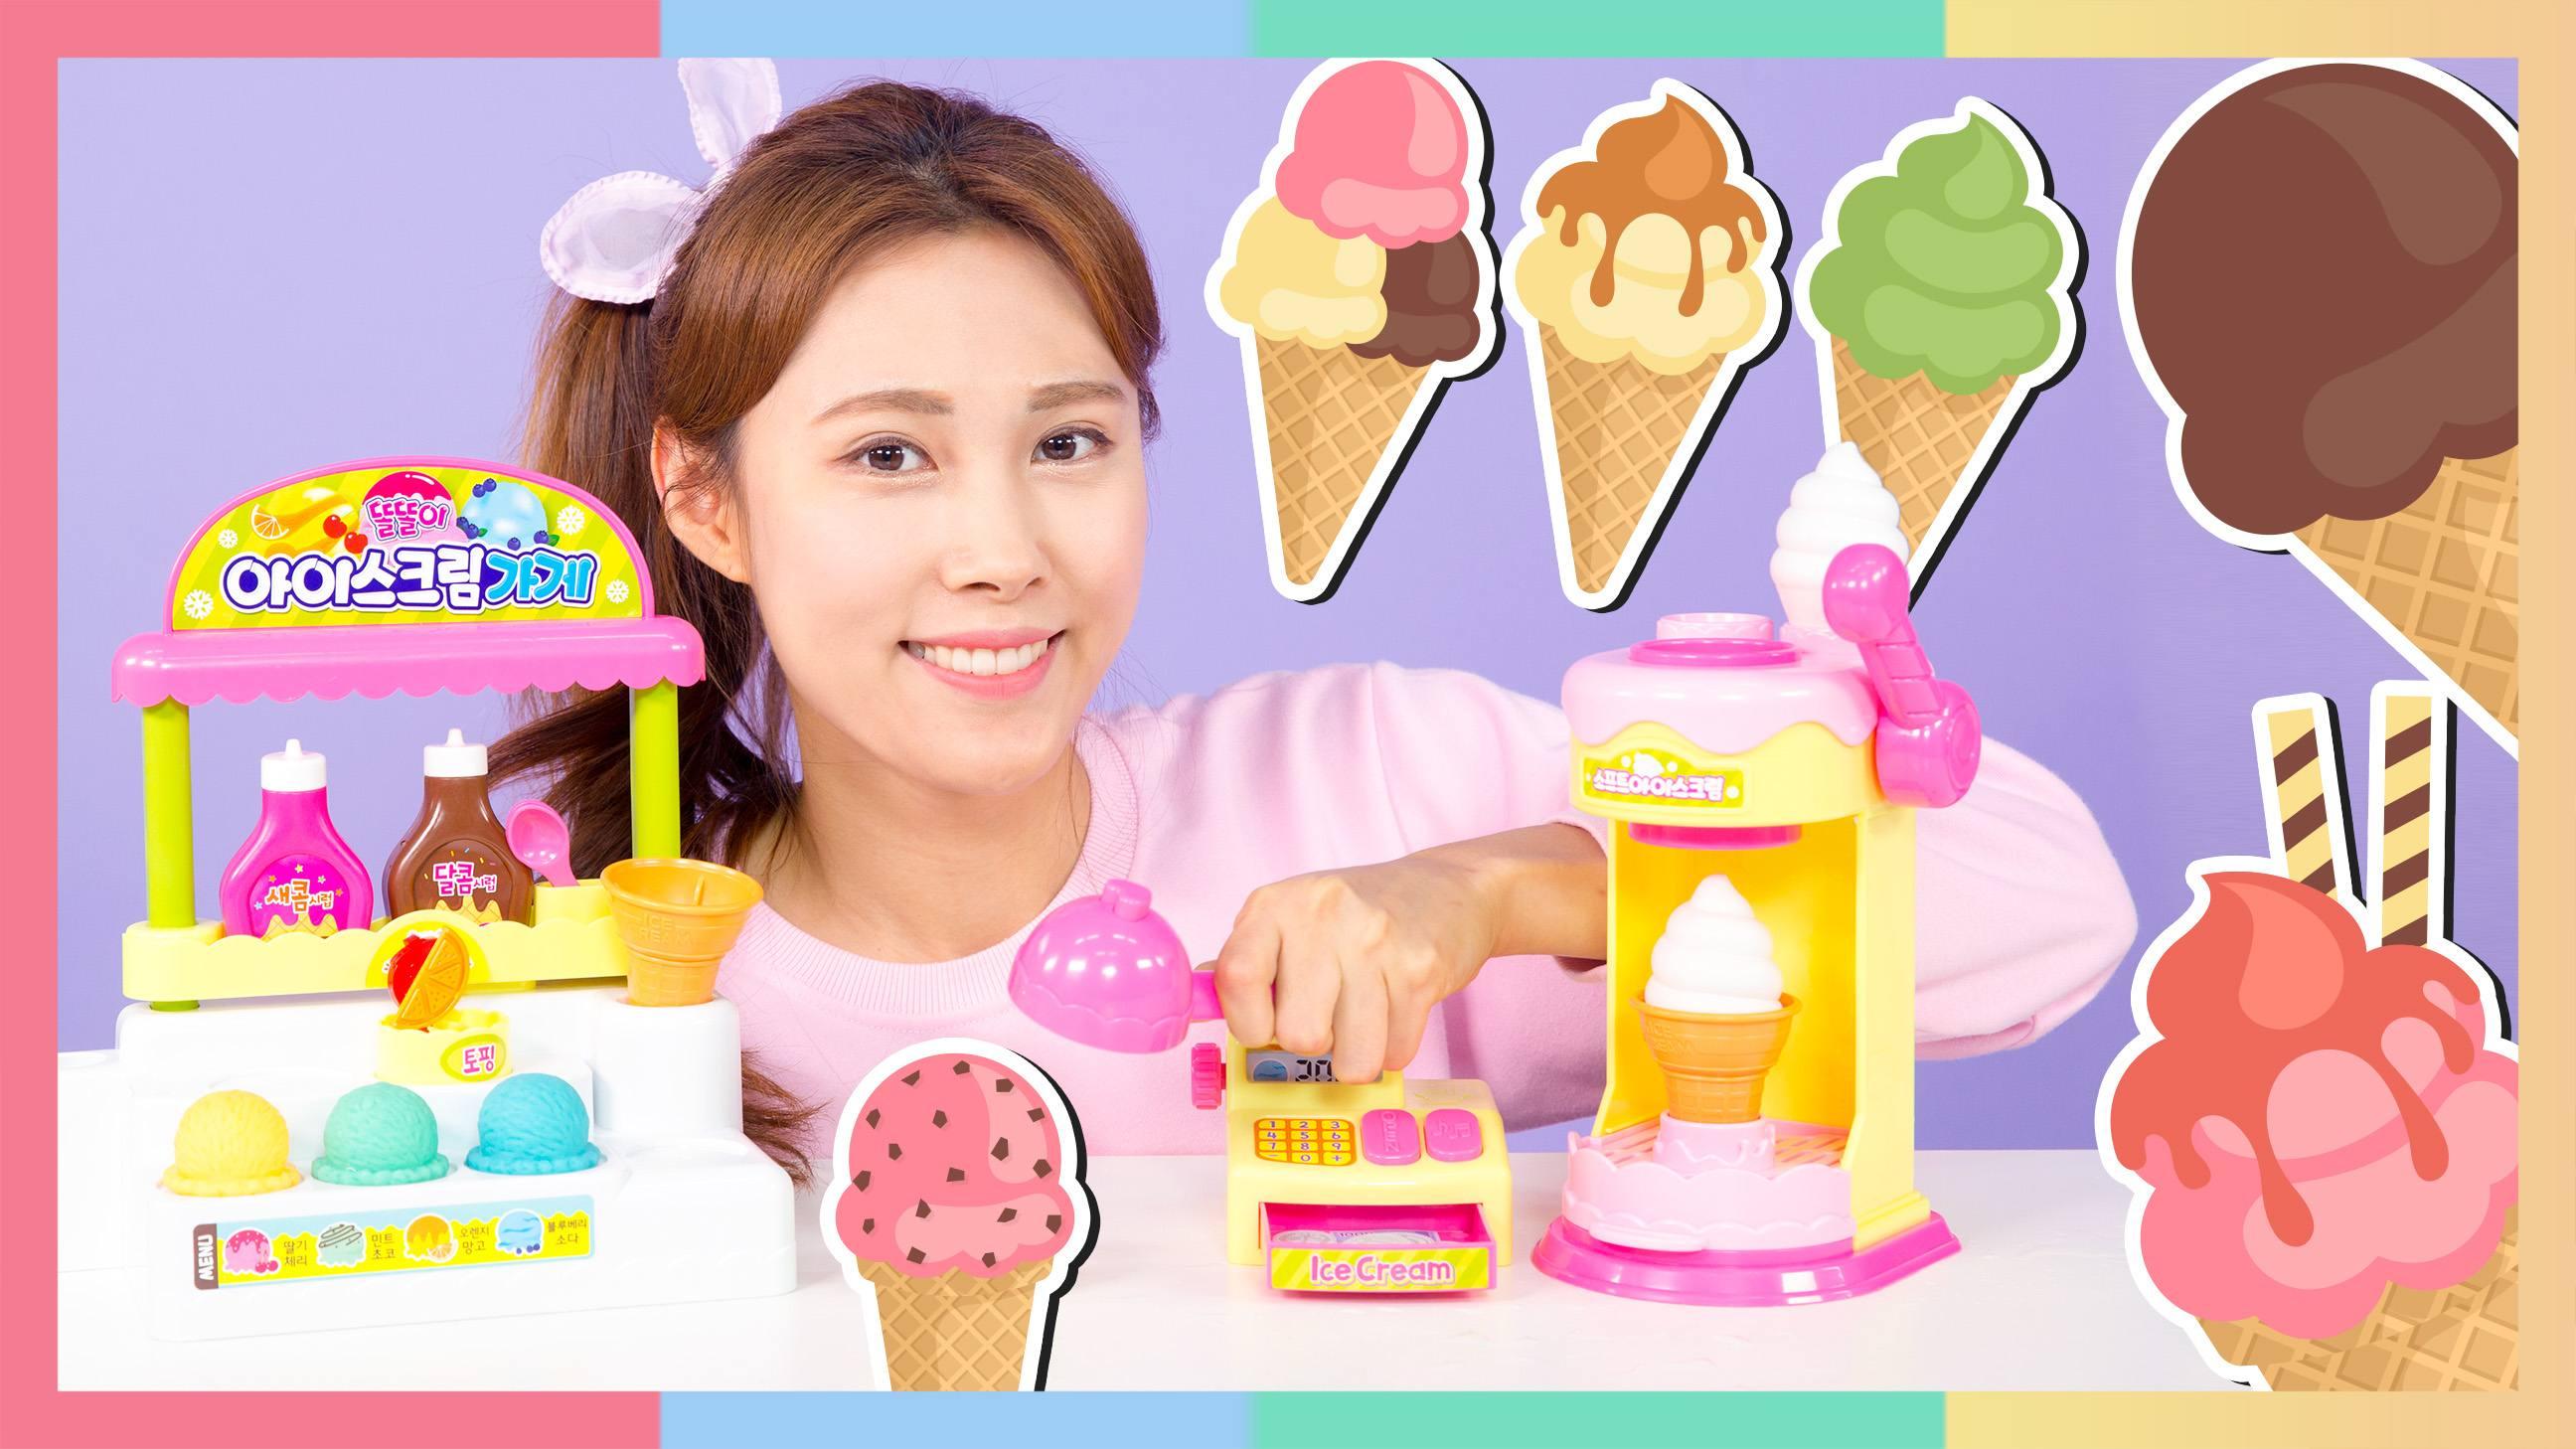 解决不开心!开箱治愈系冰淇淋玩具商店 | 凯利和玩具朋友们 CarrieAndToys